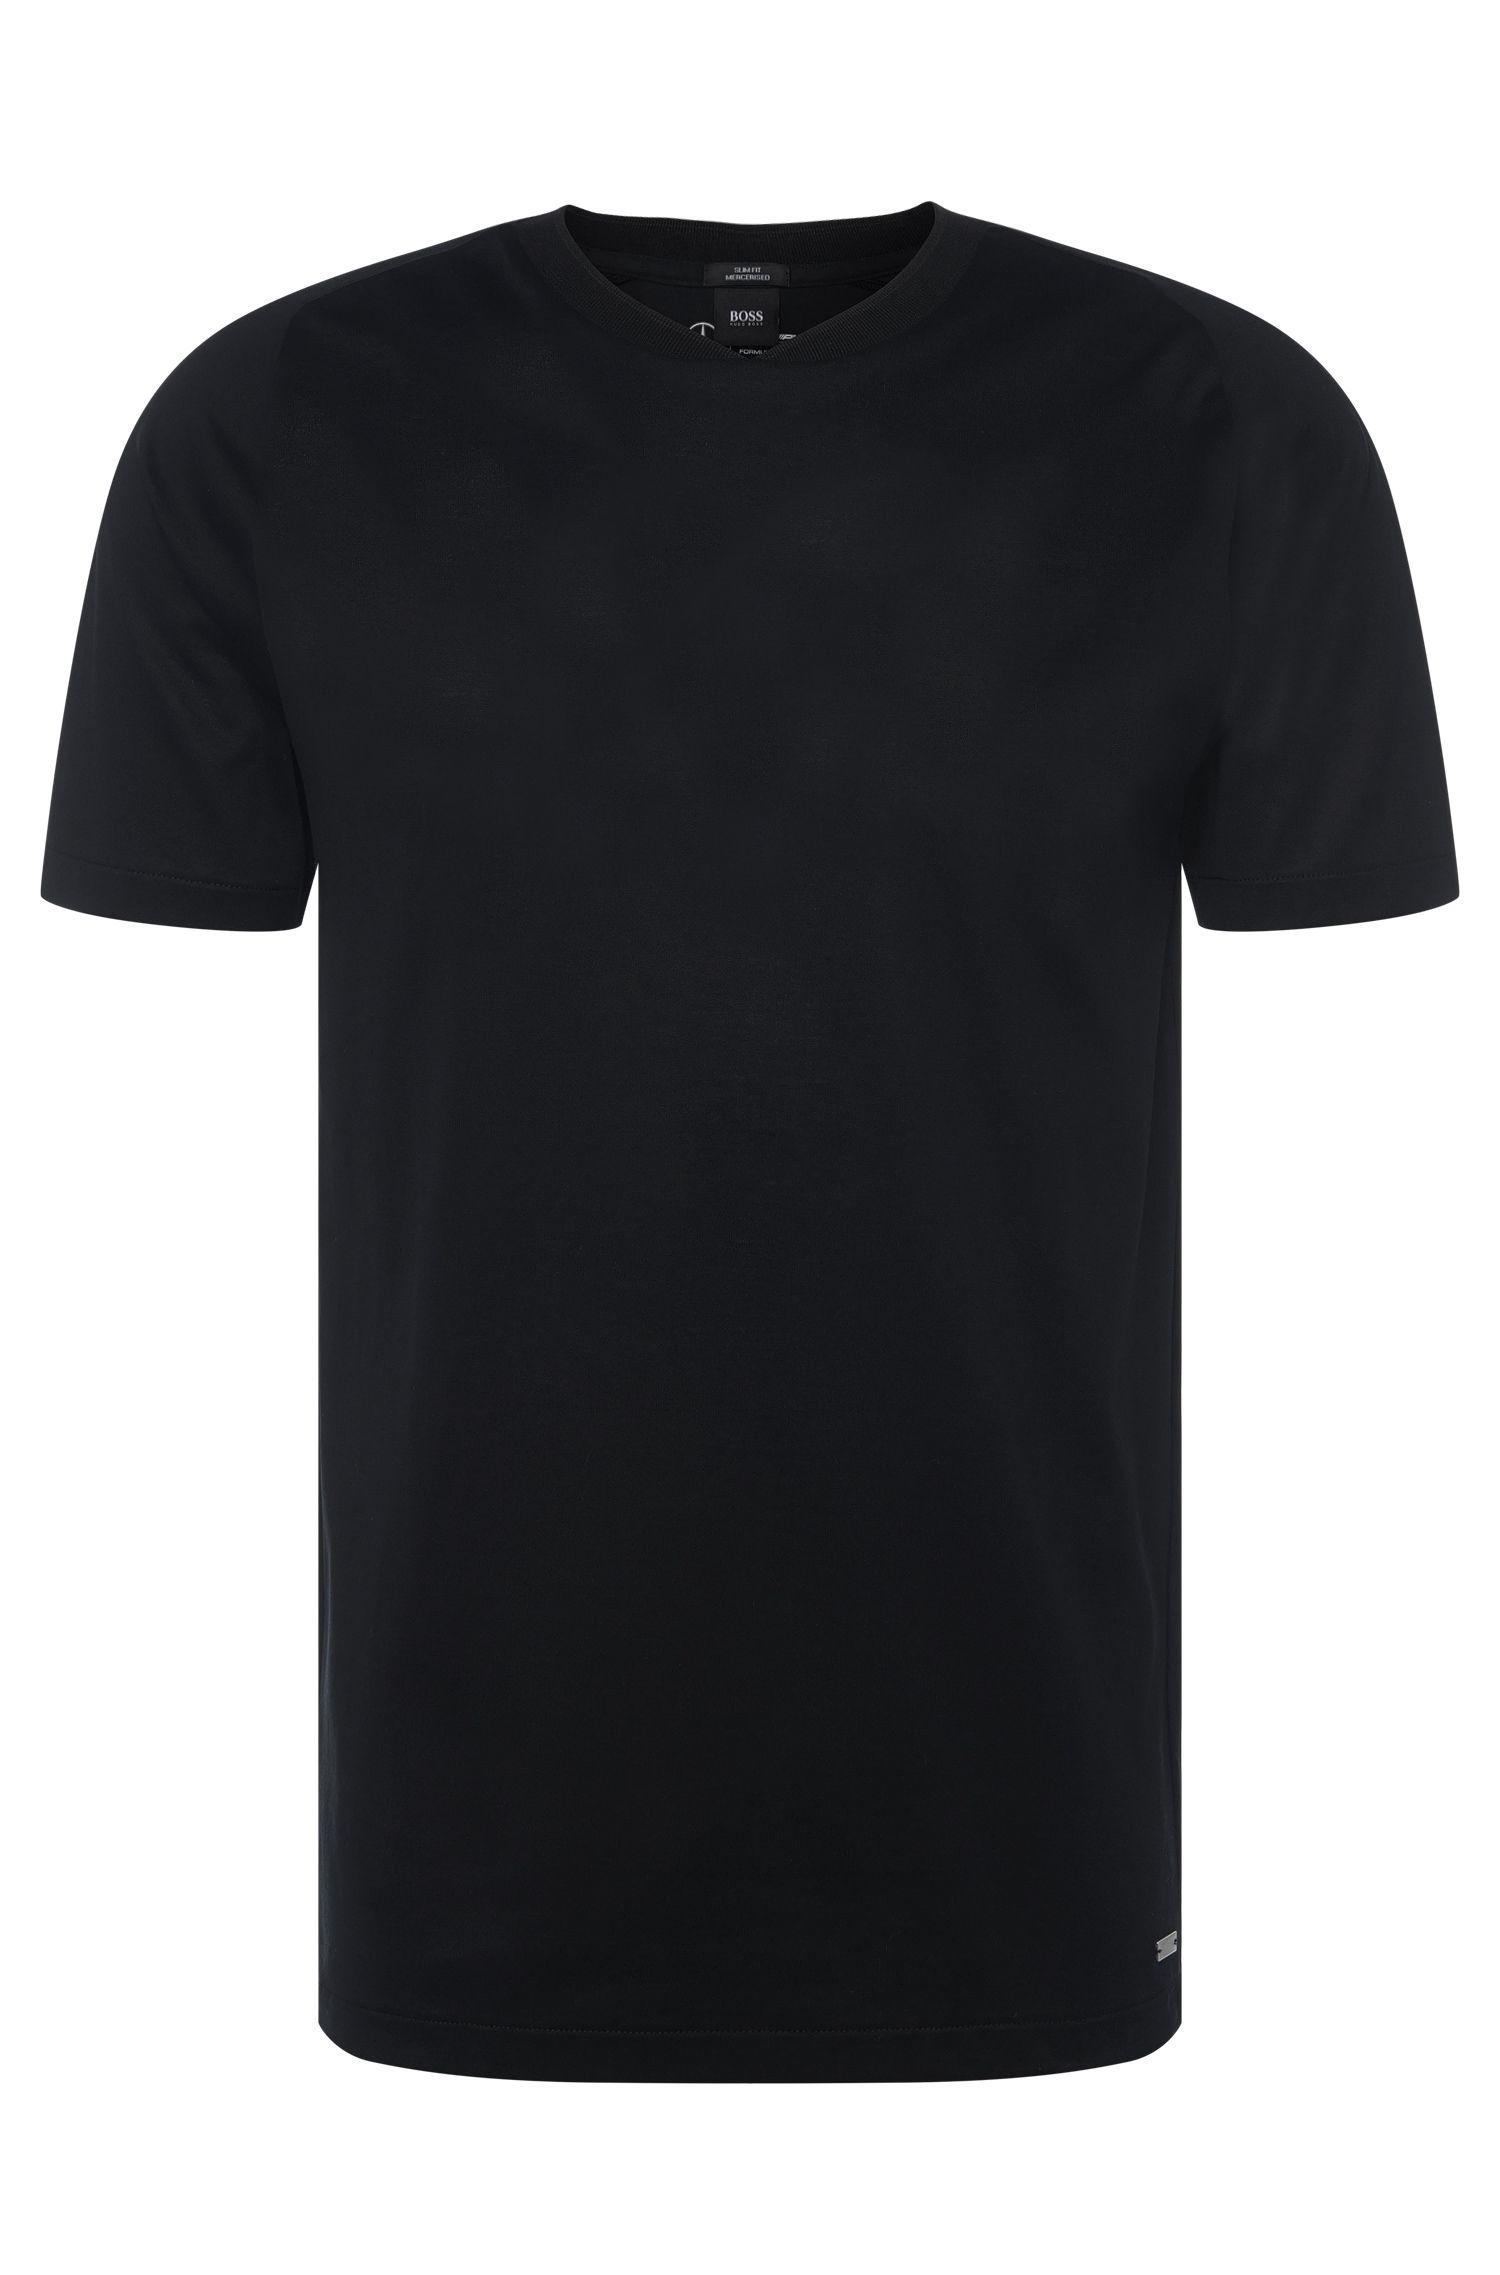 'Tessler' | Mercerized Cotton T-Shirt